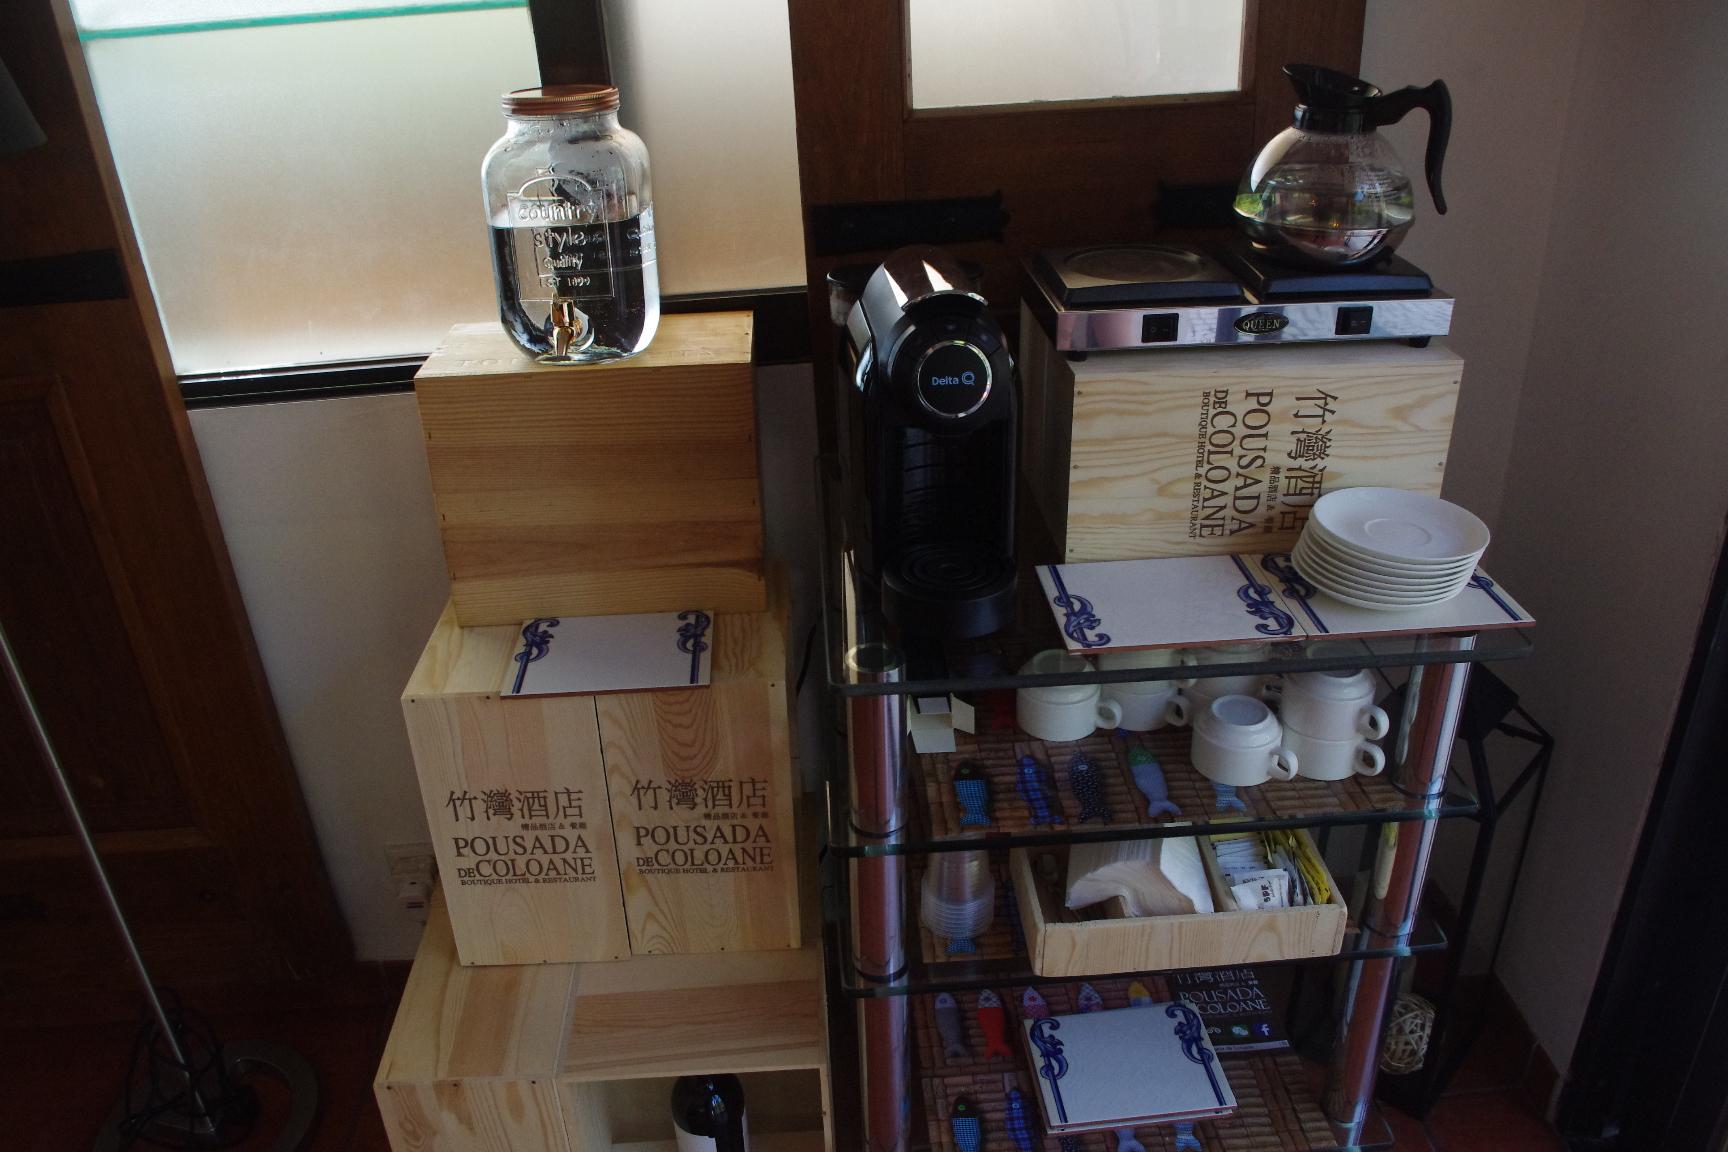 マカオのホテル(ポウサダ デ コロアネ)の飲料水・湯沸かし器など